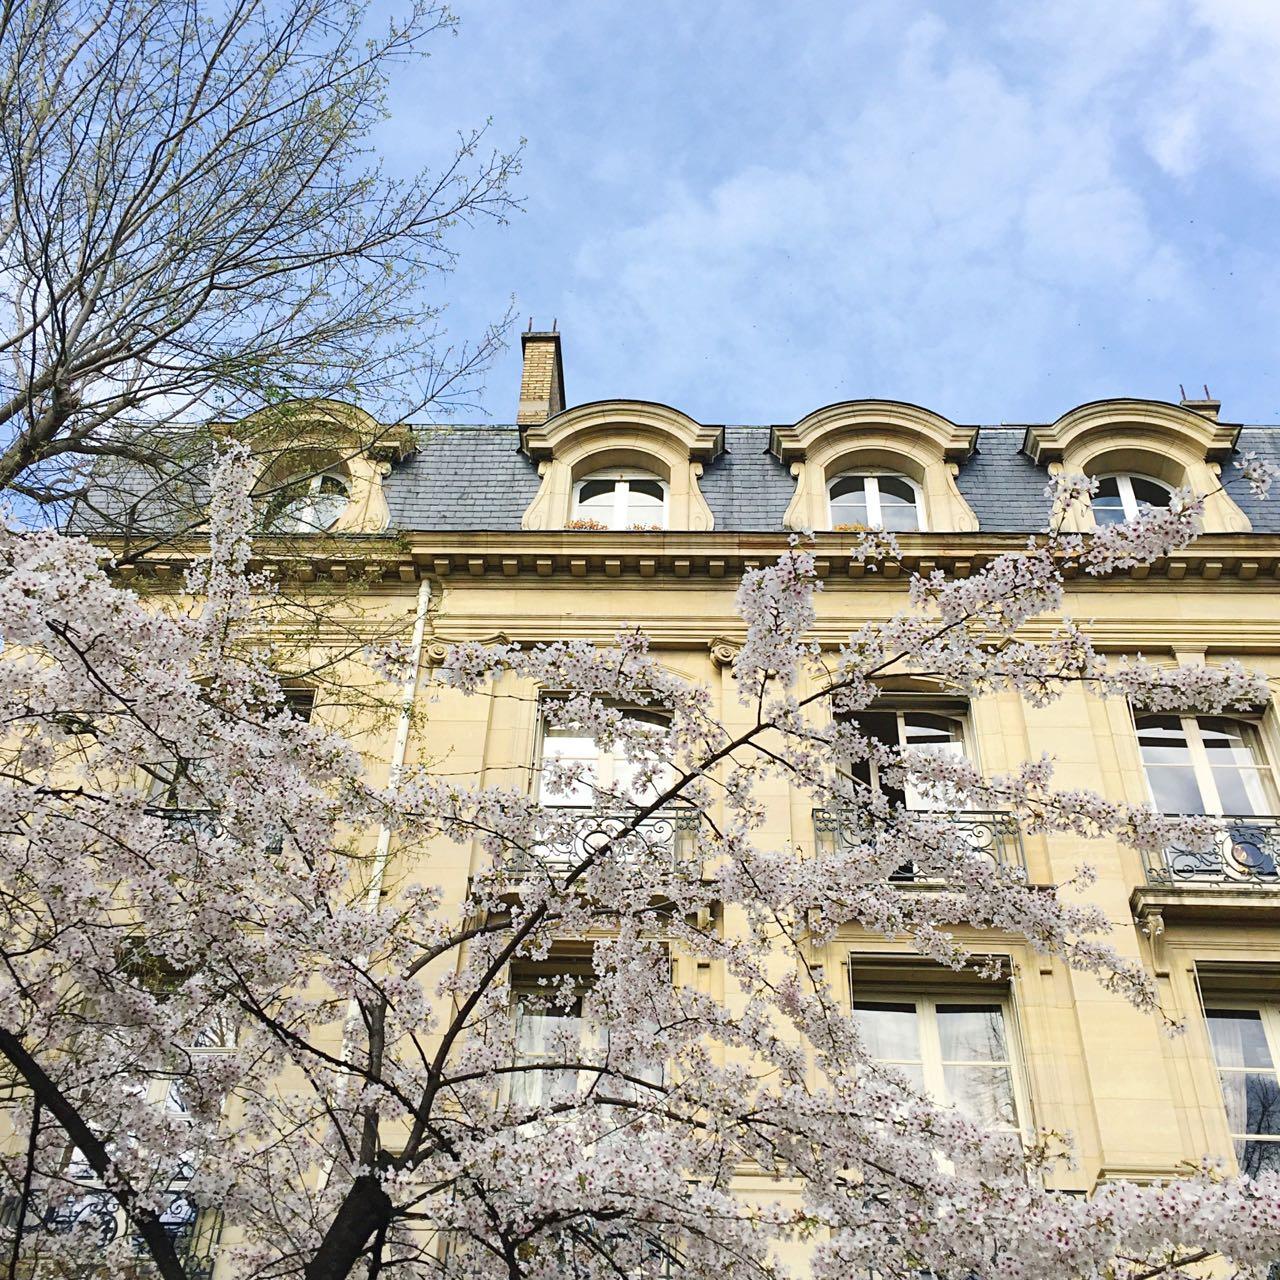 Cherry blossom at Parc du Champ de Mars